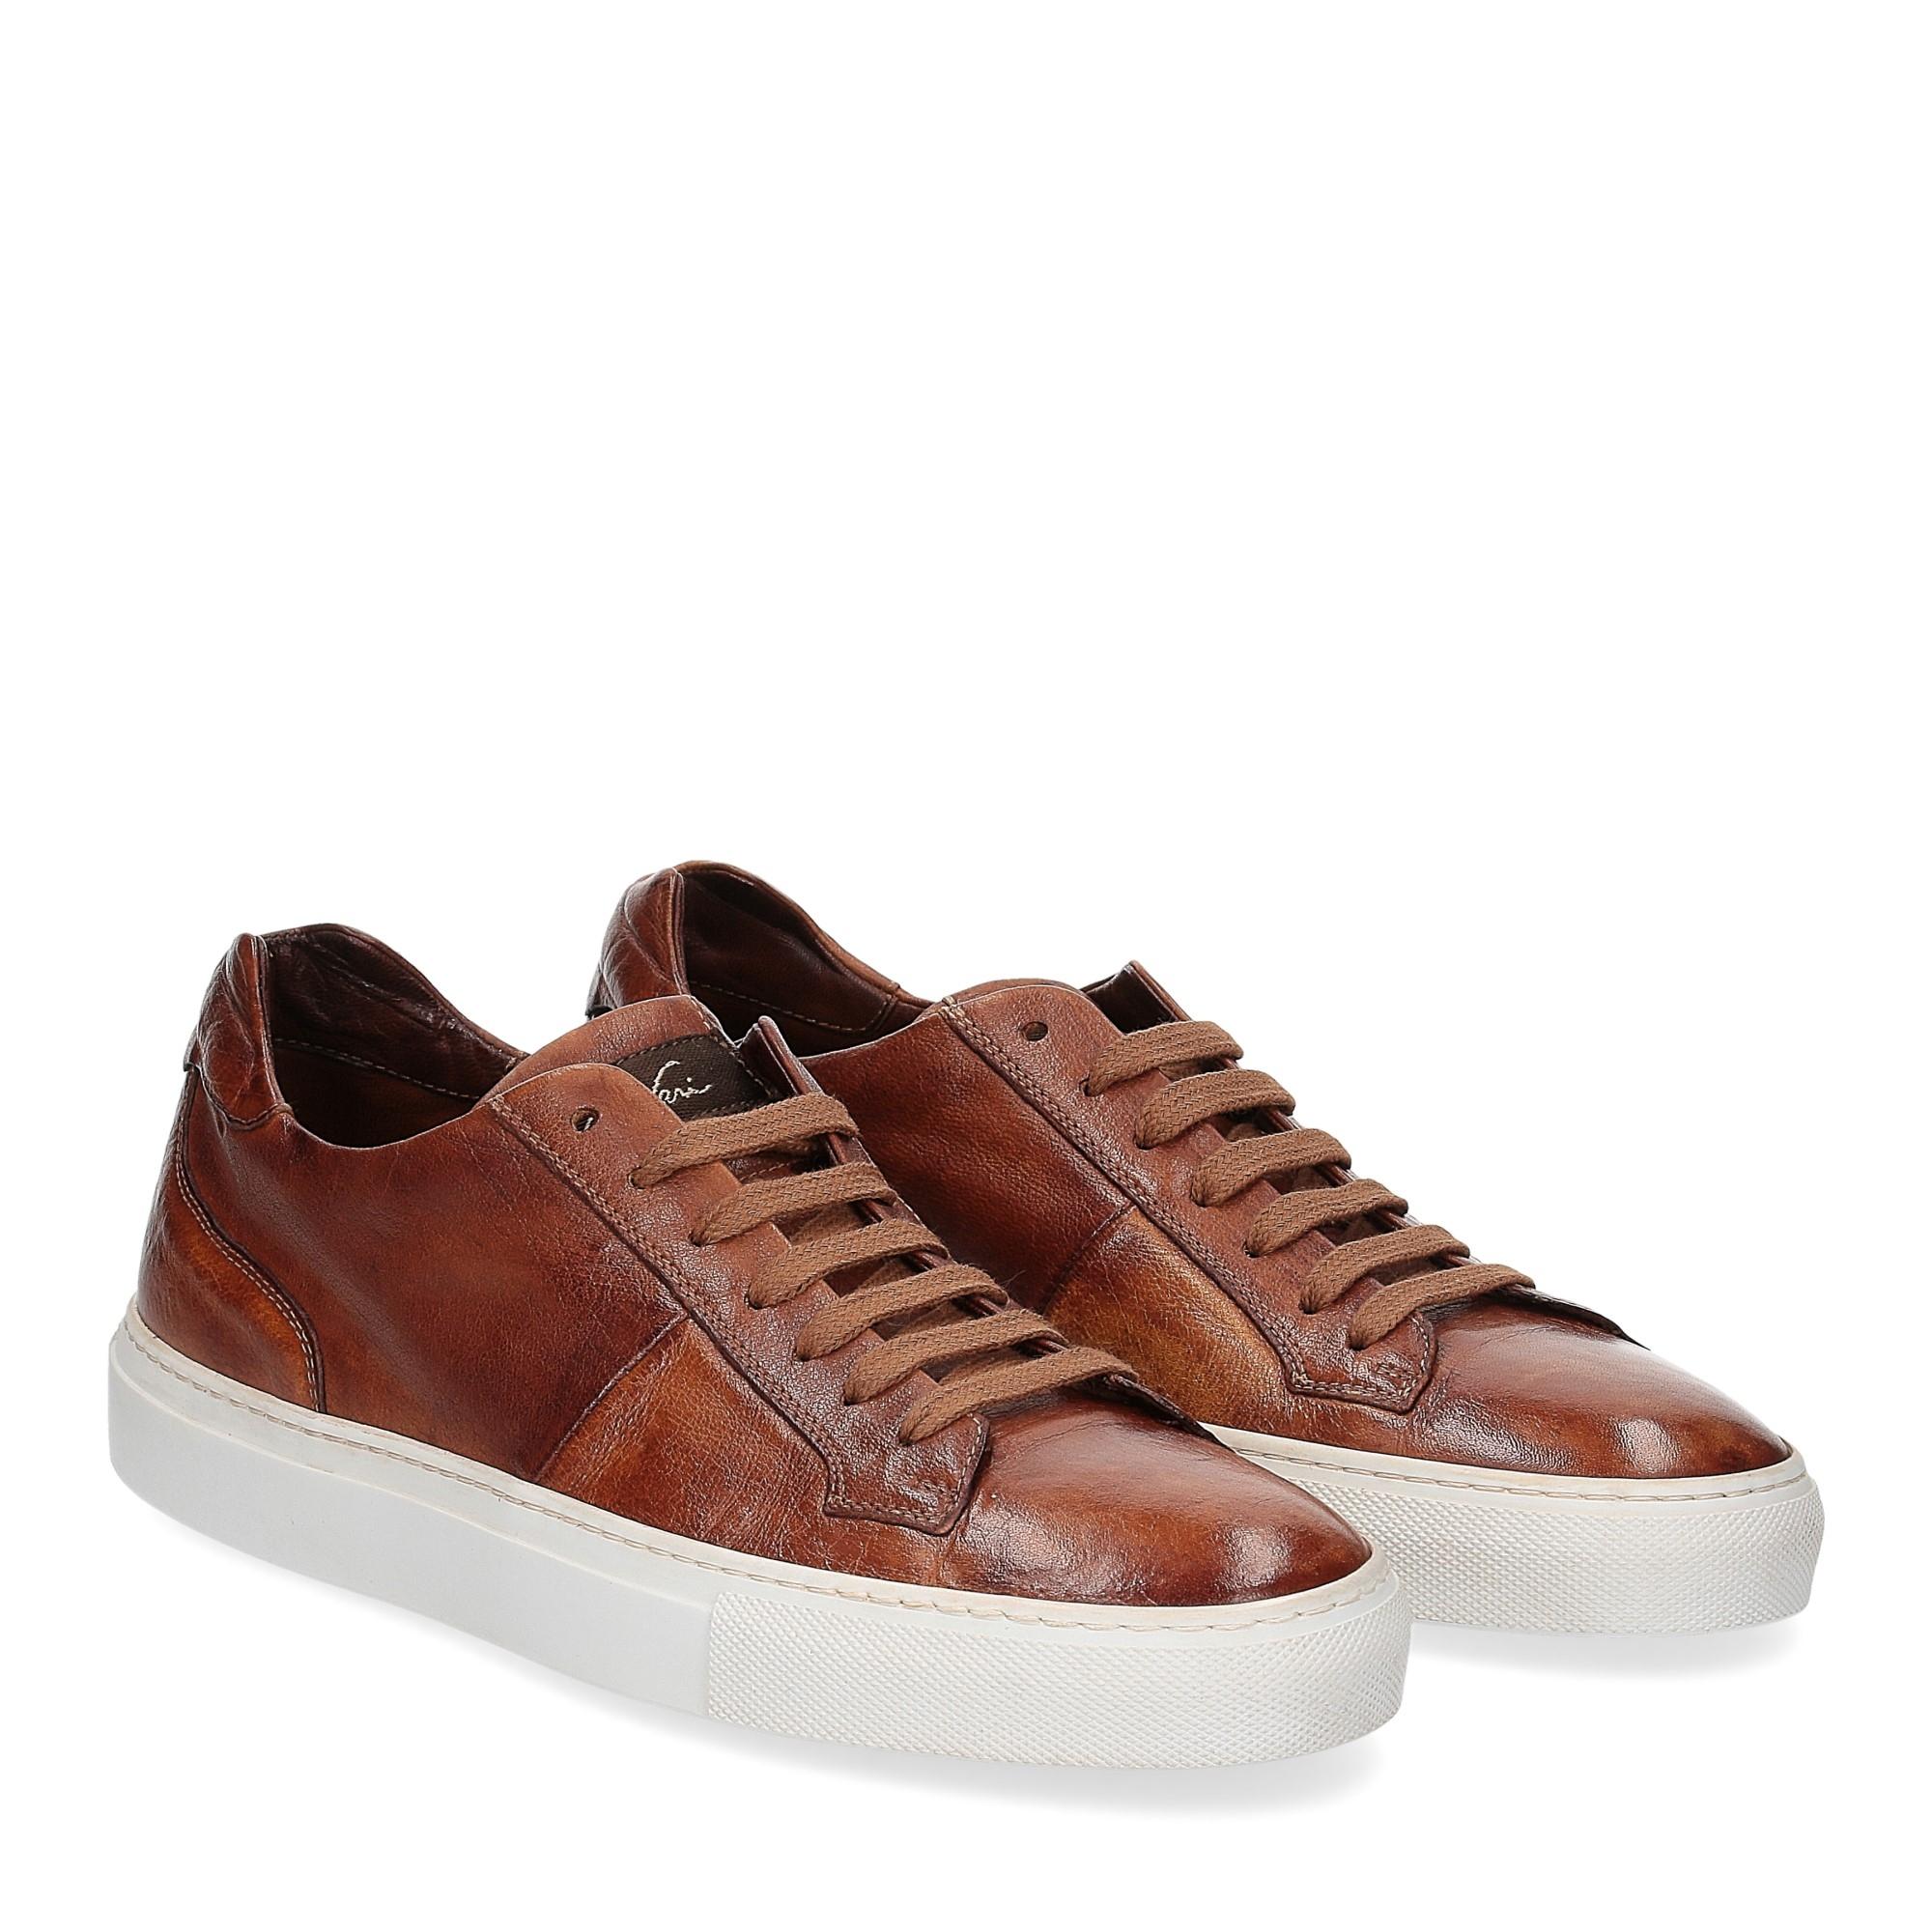 Corvari Sneaker honey cognac